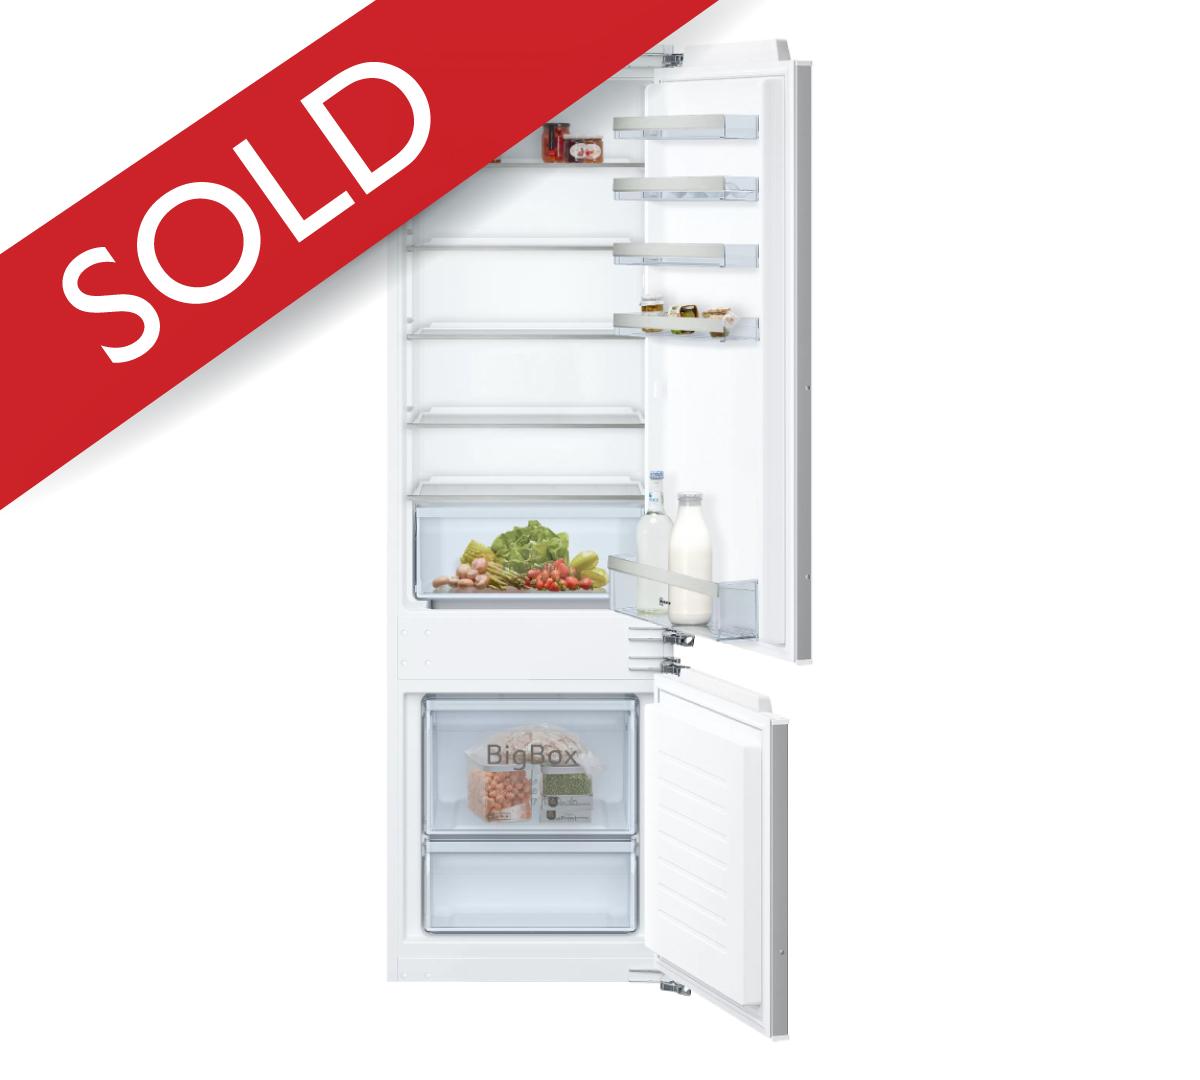 N50 177 x 54cm Low Frost Bottom Freezer